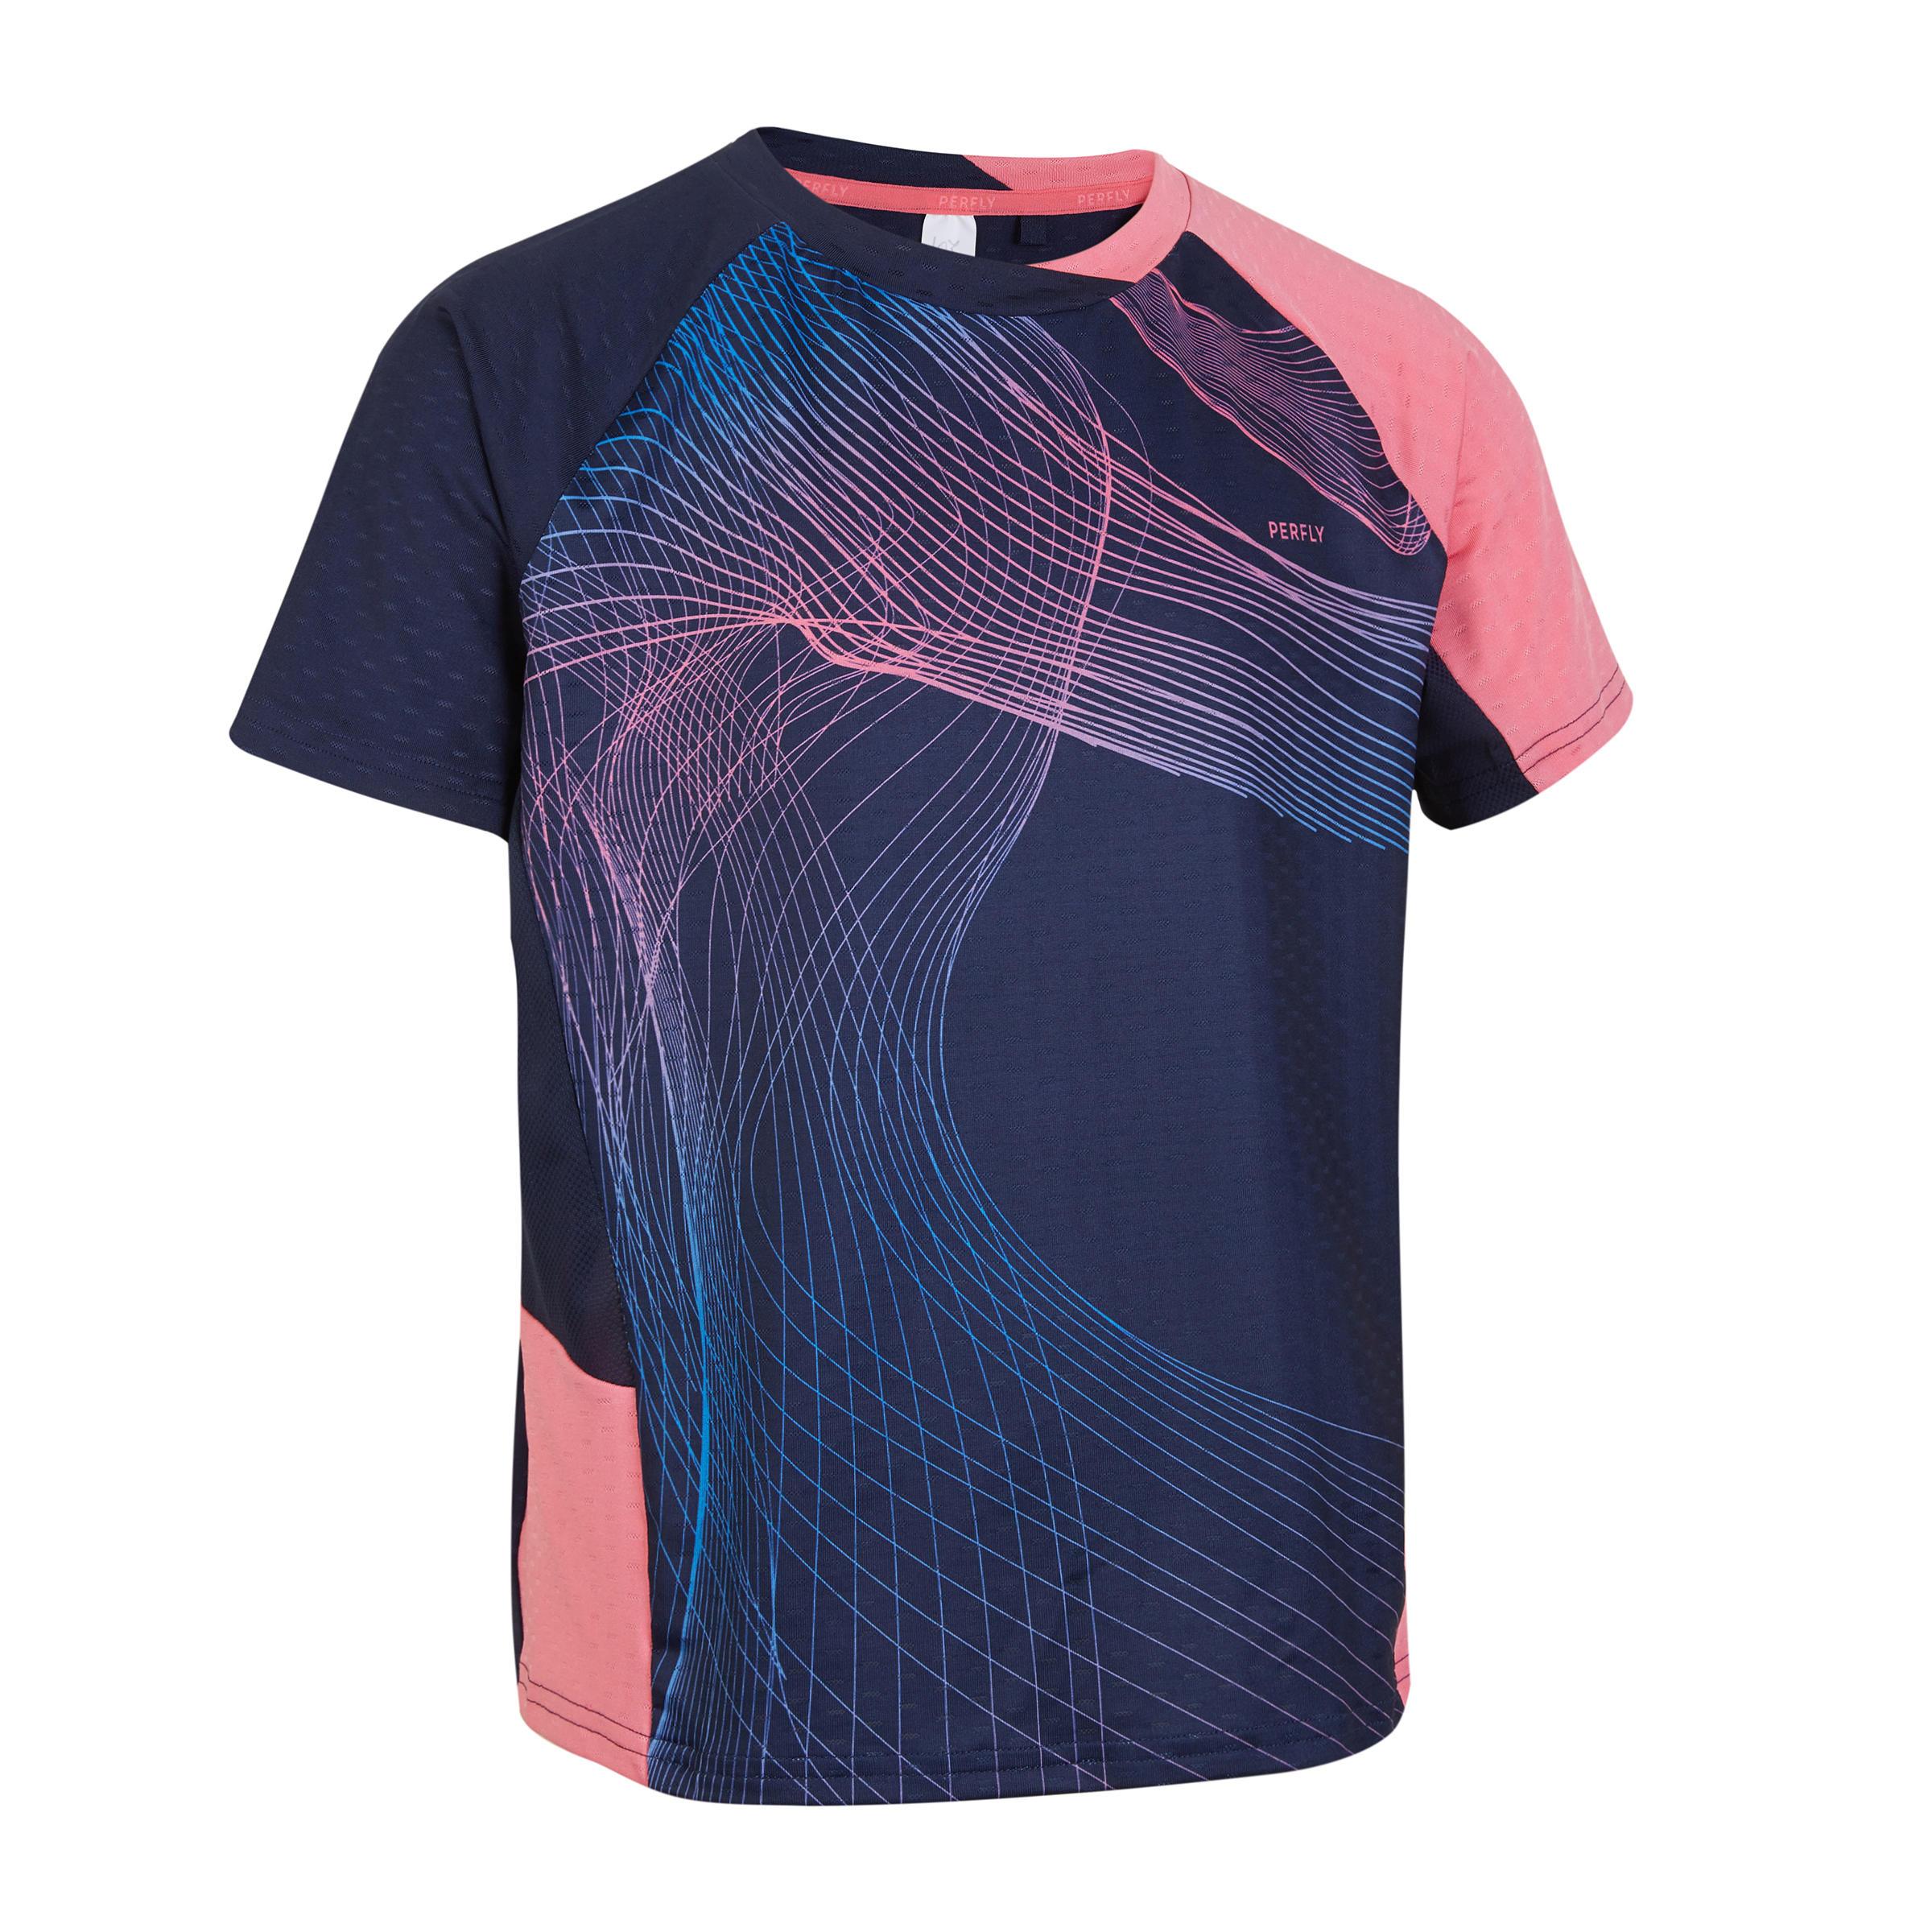 Perfly Kinder T-shirt 560 marineblauw roze